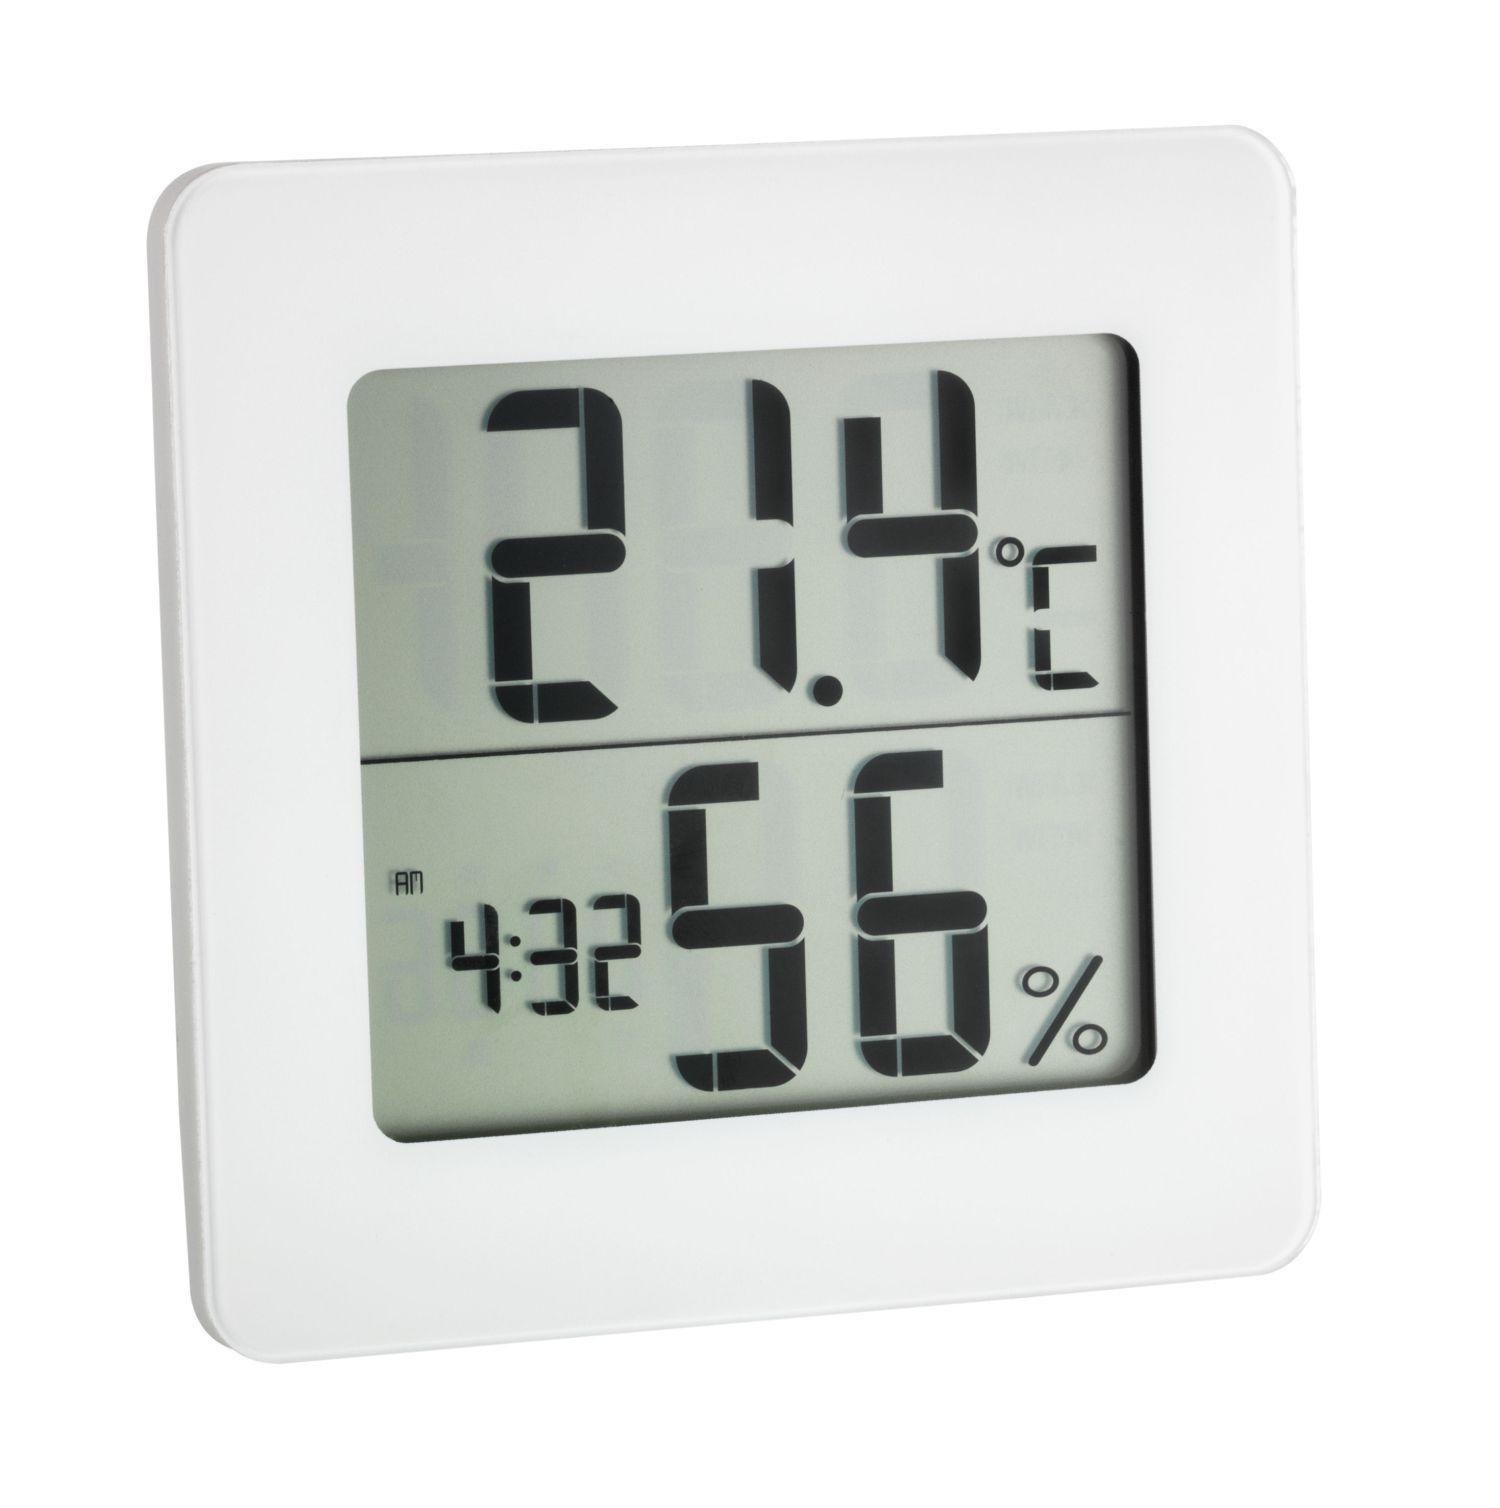 Digitální teploměr s vlhkoměrem, hodinami TFA 30.5033.02 - bílý